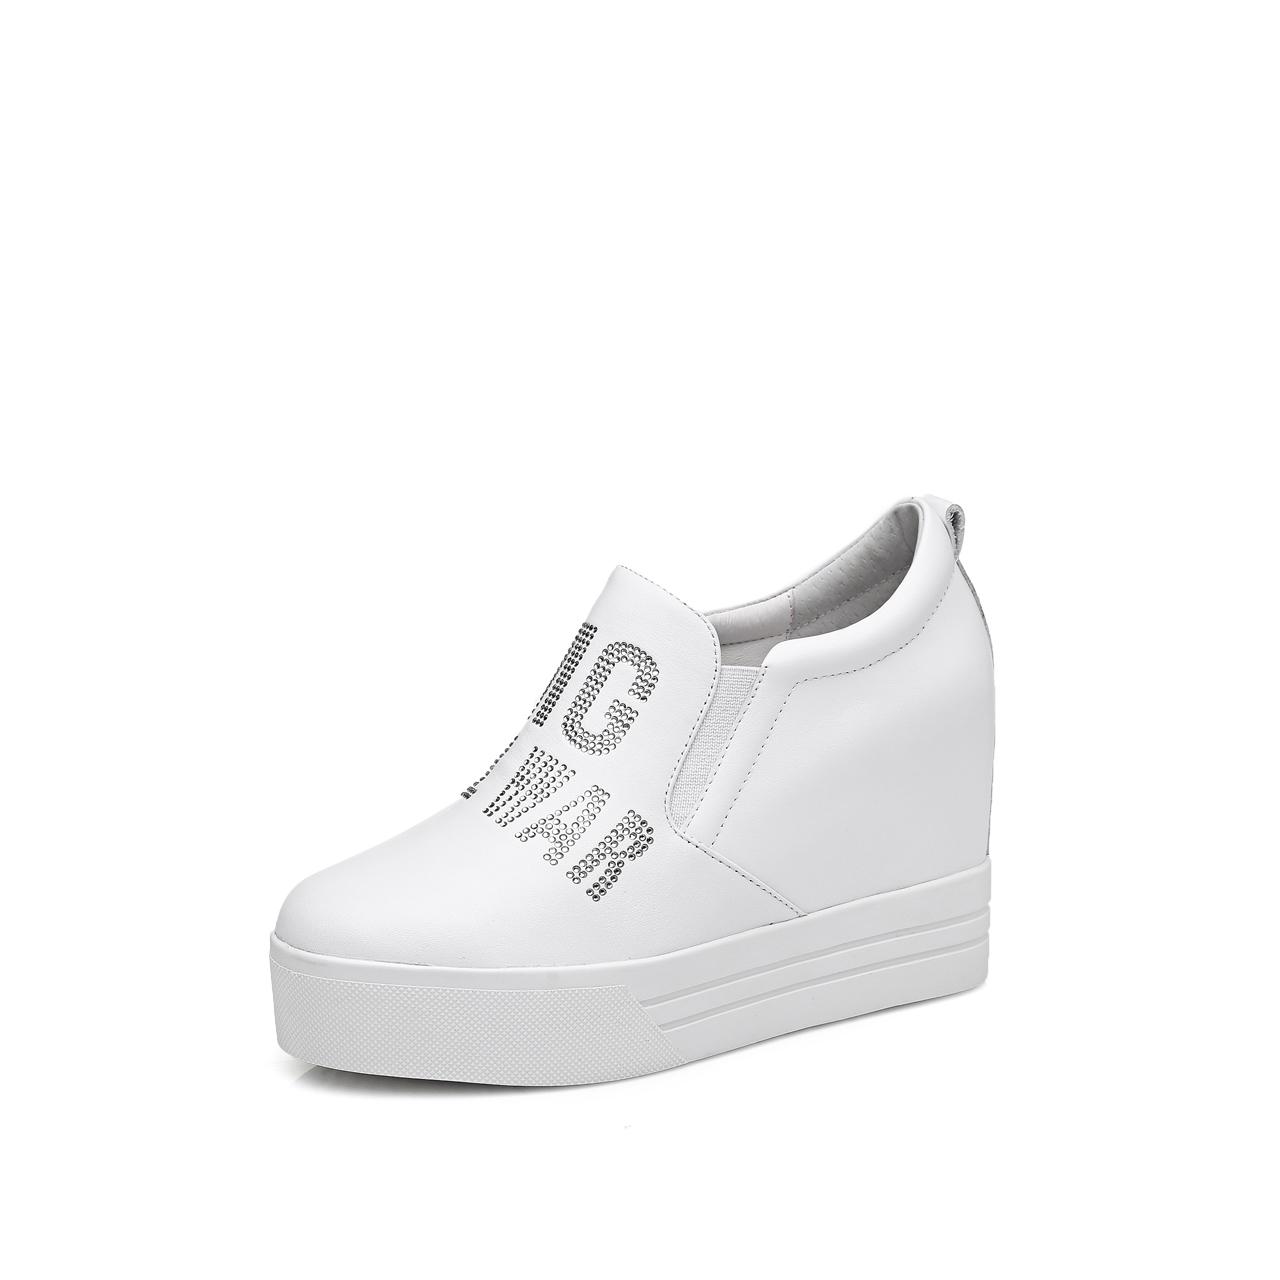 夏季镂空内增高女鞋8cm 韩版百搭一脚蹬透气休闲高帮鞋小皮鞋女